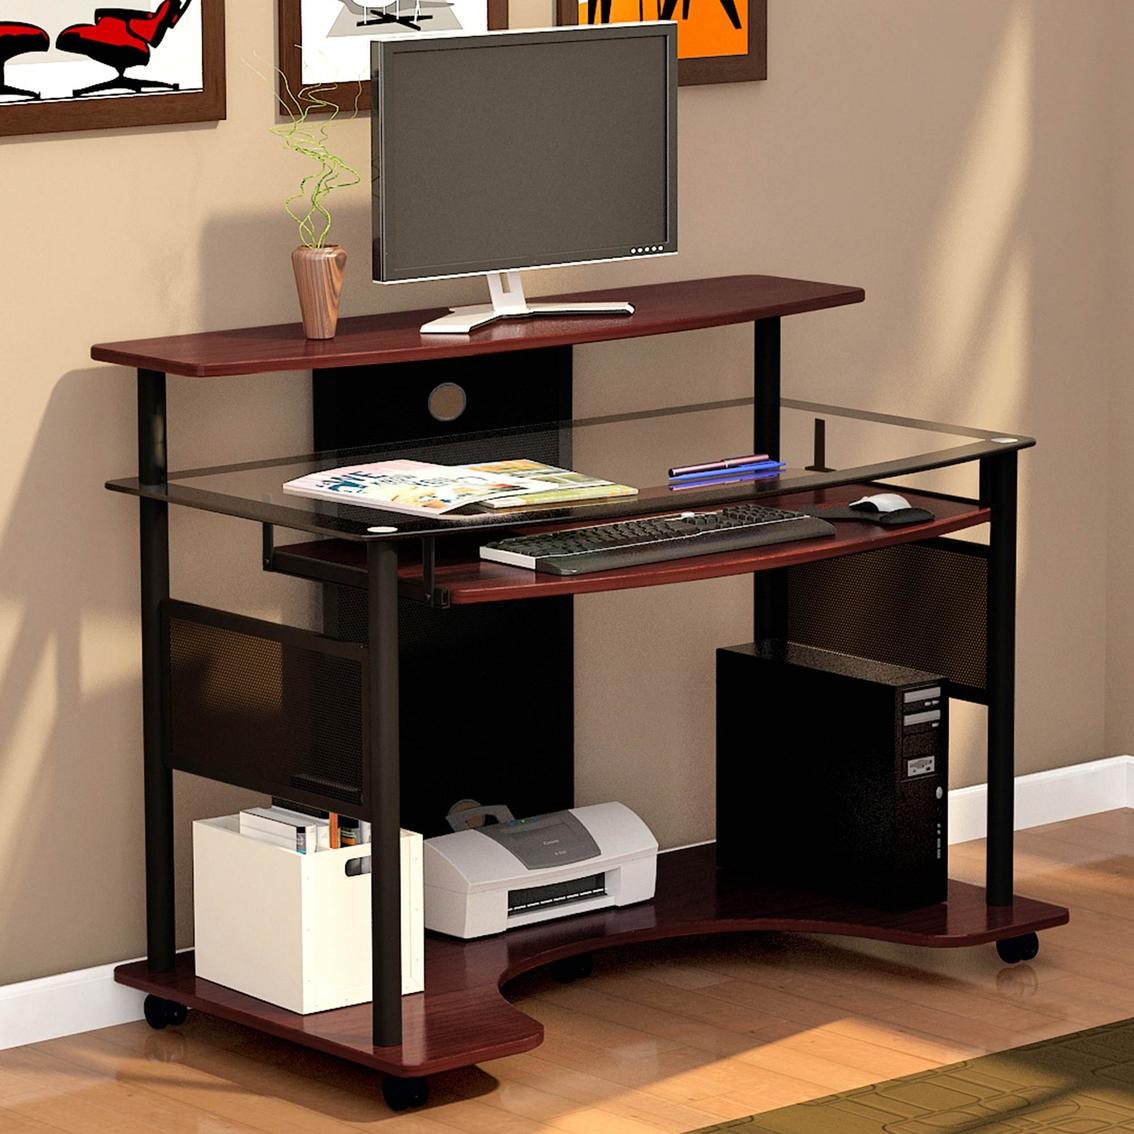 line inc computer ideas desk design z designs shaped belaire glass trends l trendy exclusive great